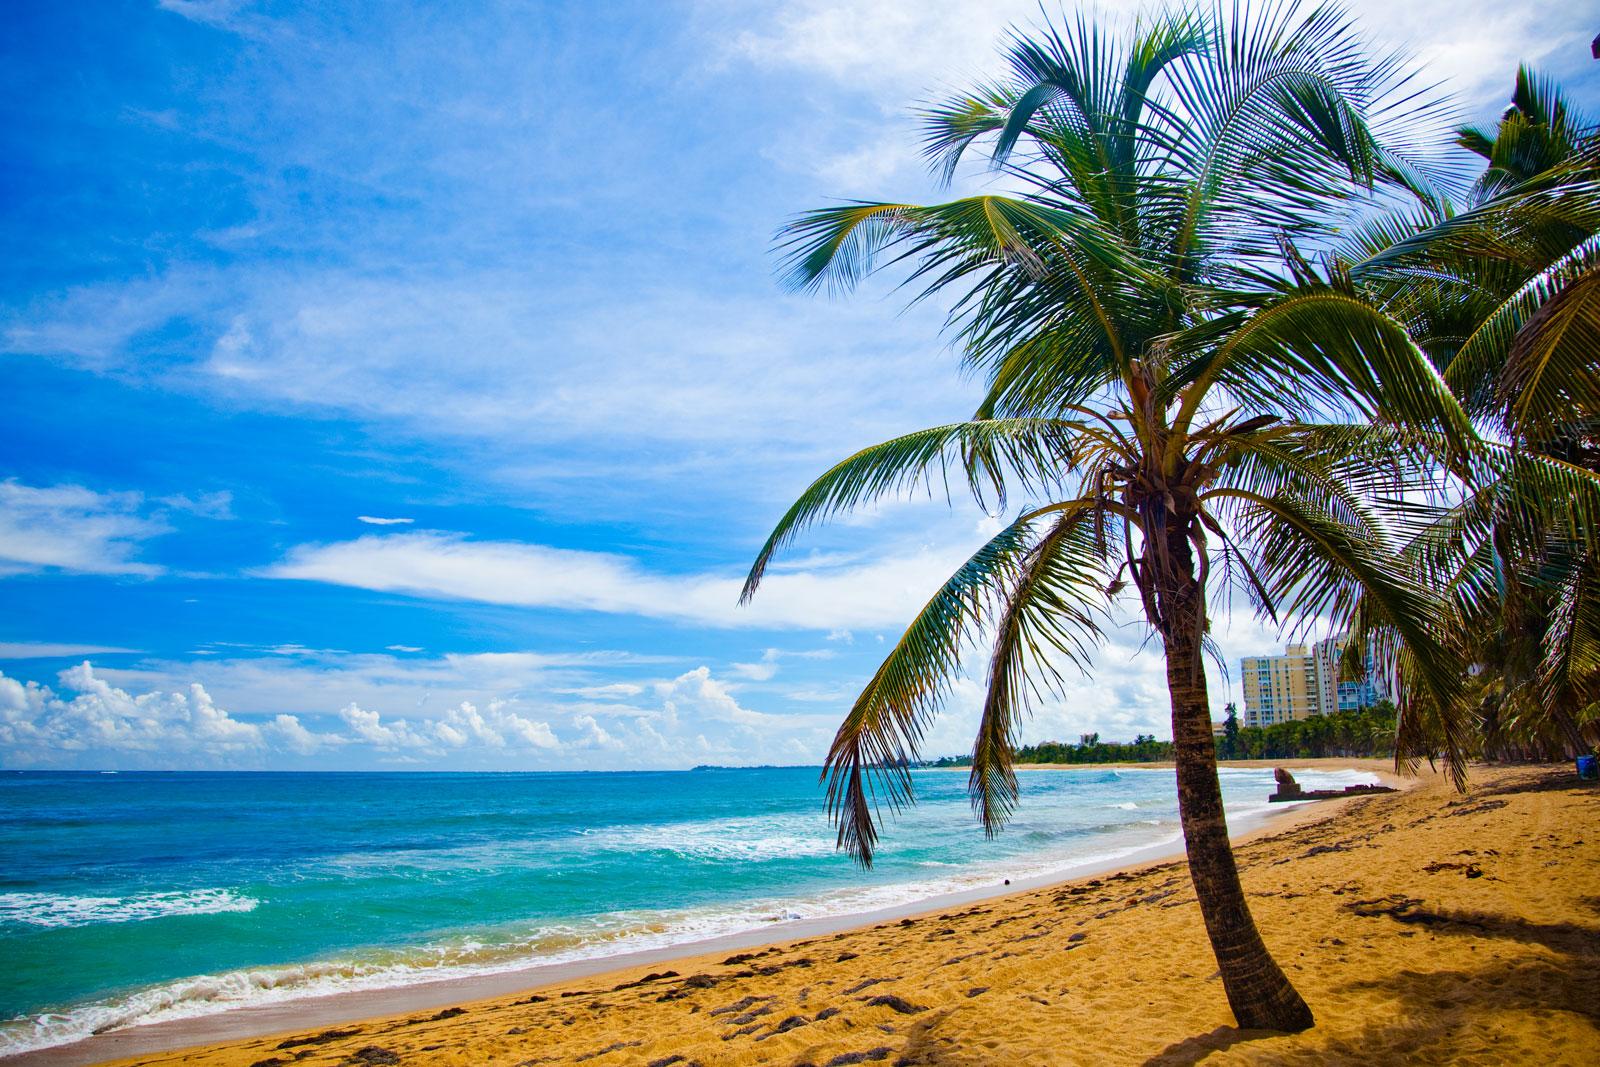 fondo de pantalla semanal playa y palmeras en costa rica